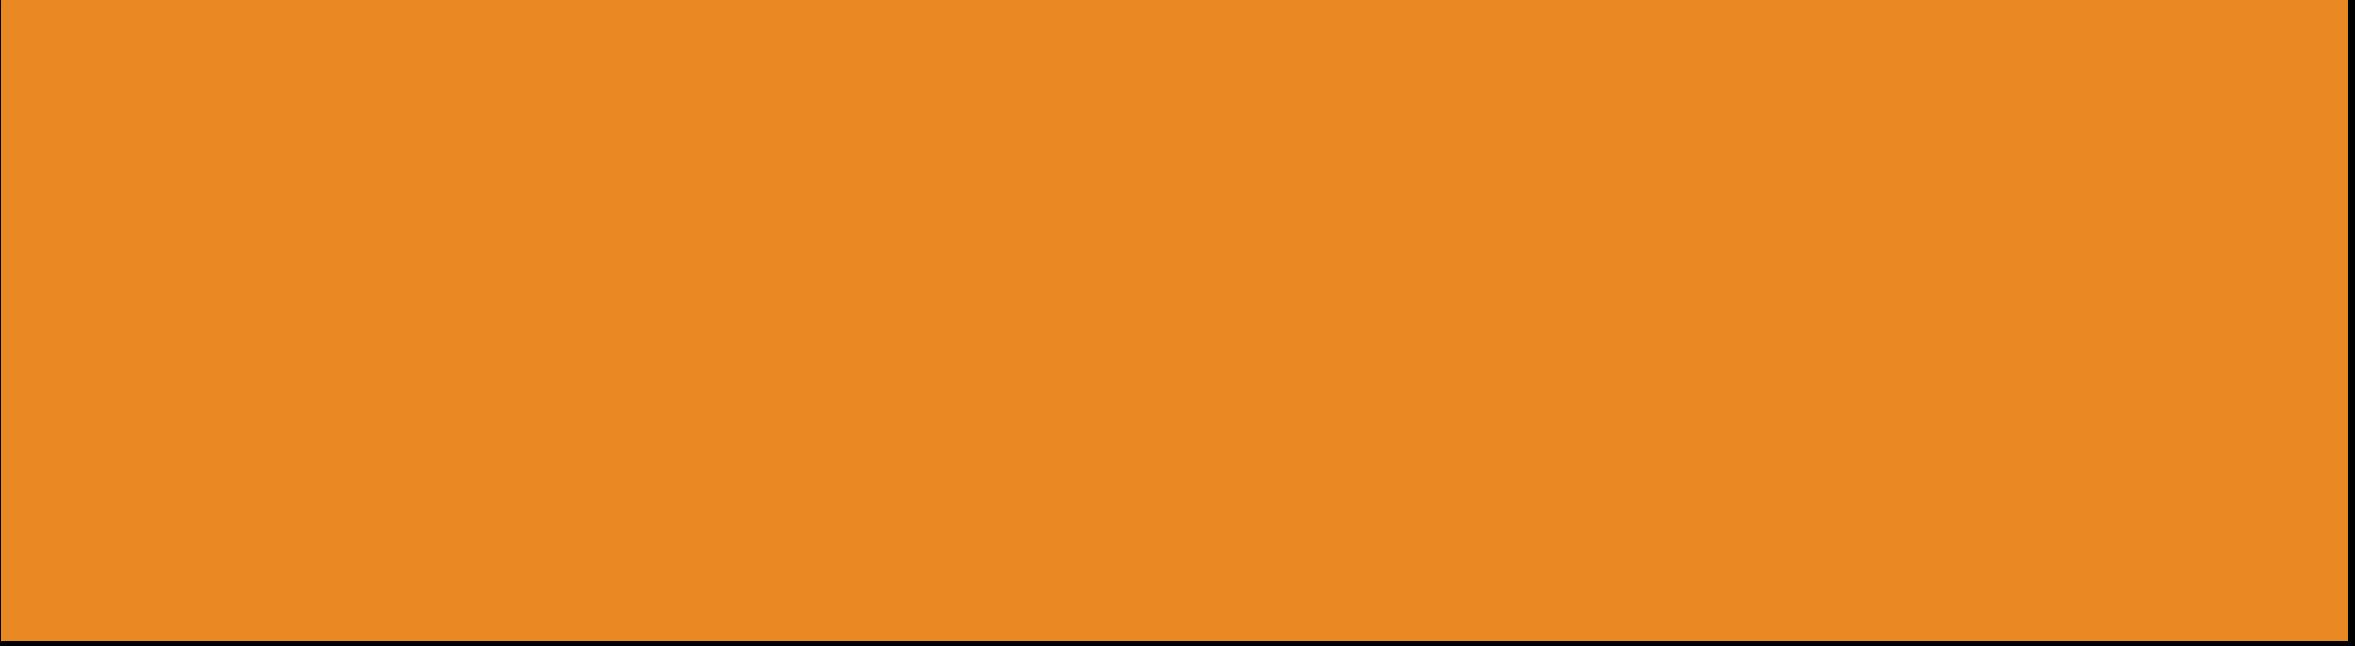 hero_orange.png